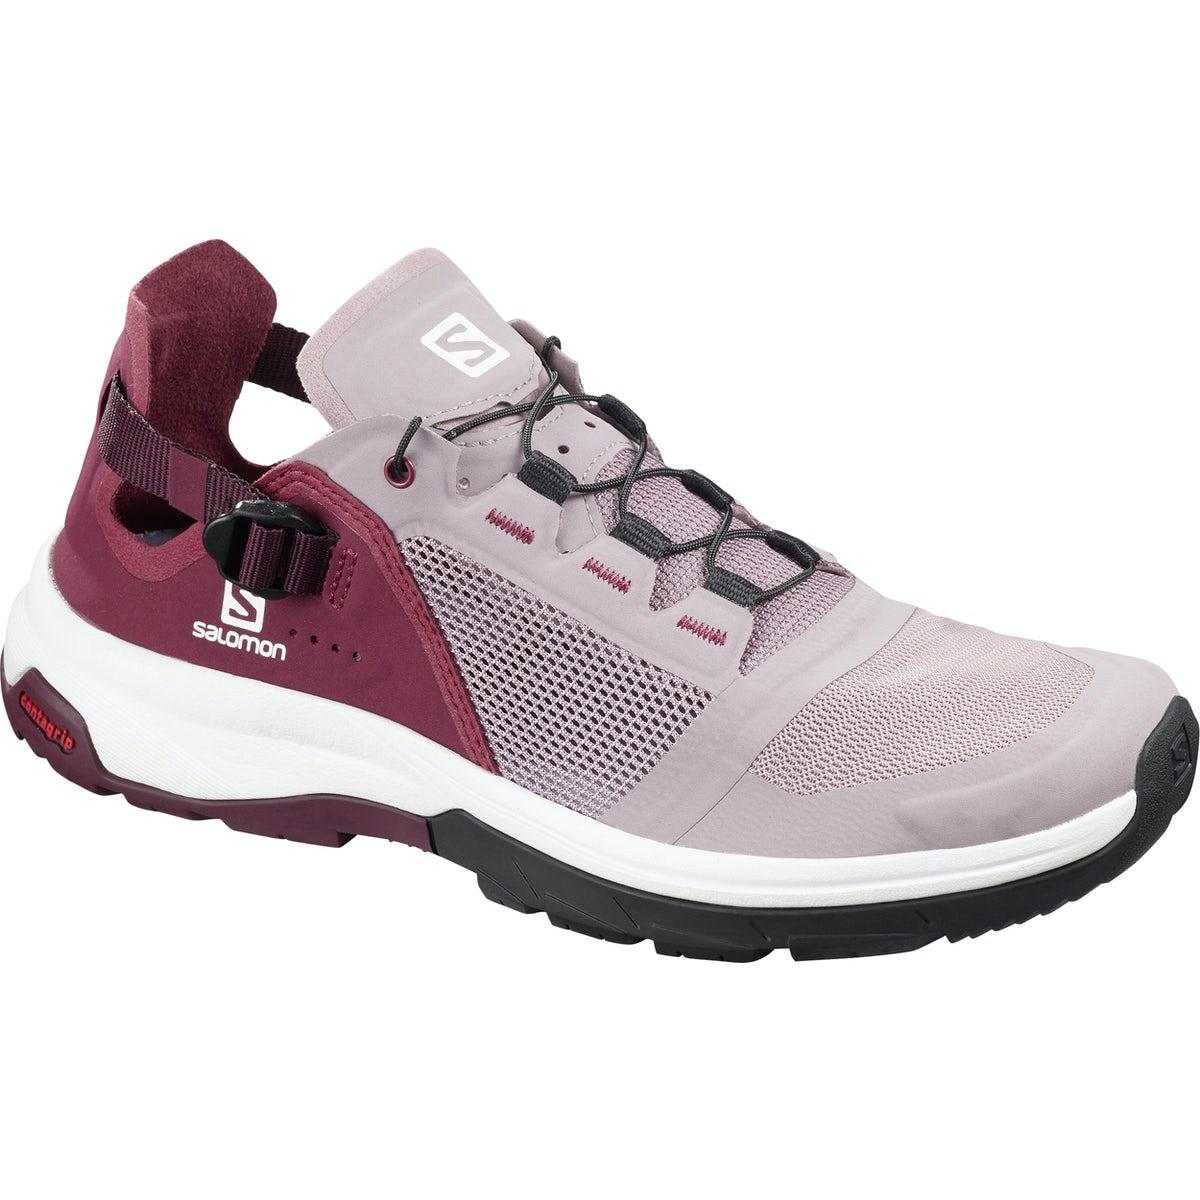 Salomon Tech Amphib 4 Water Shoe